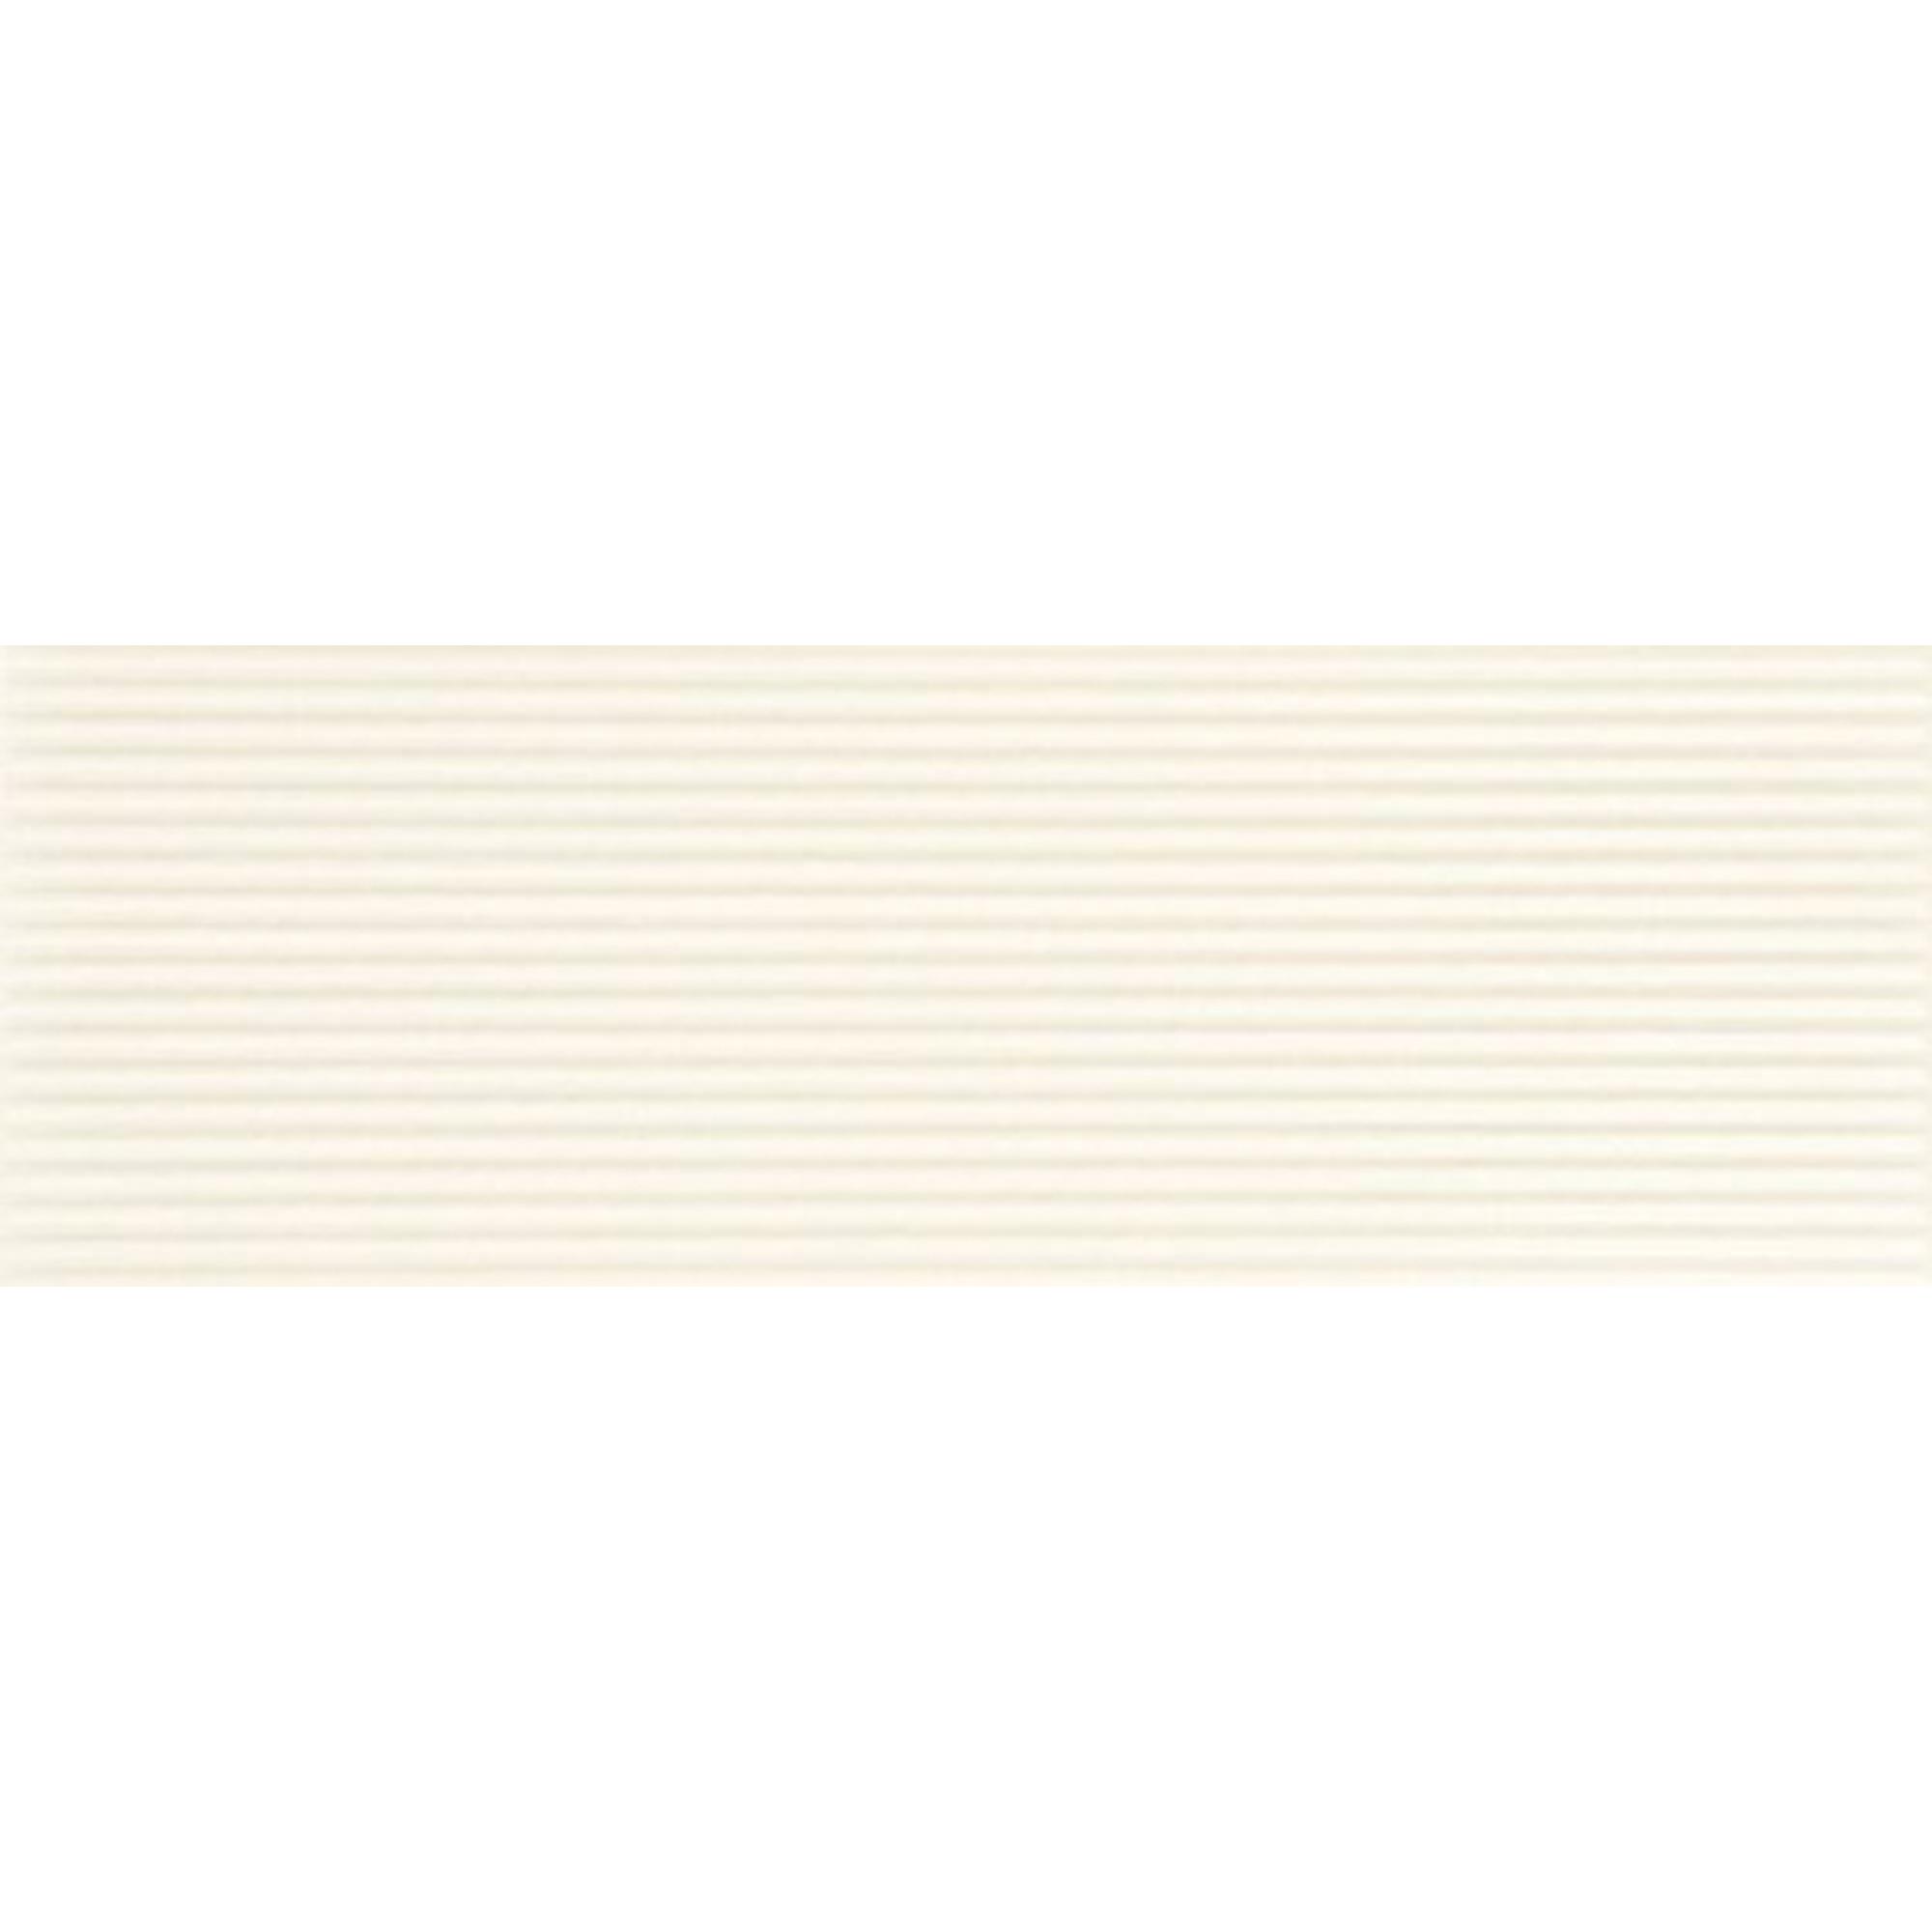 Плитка Ceramiche Brennero Porcellana Fully White Mat 20x60 см